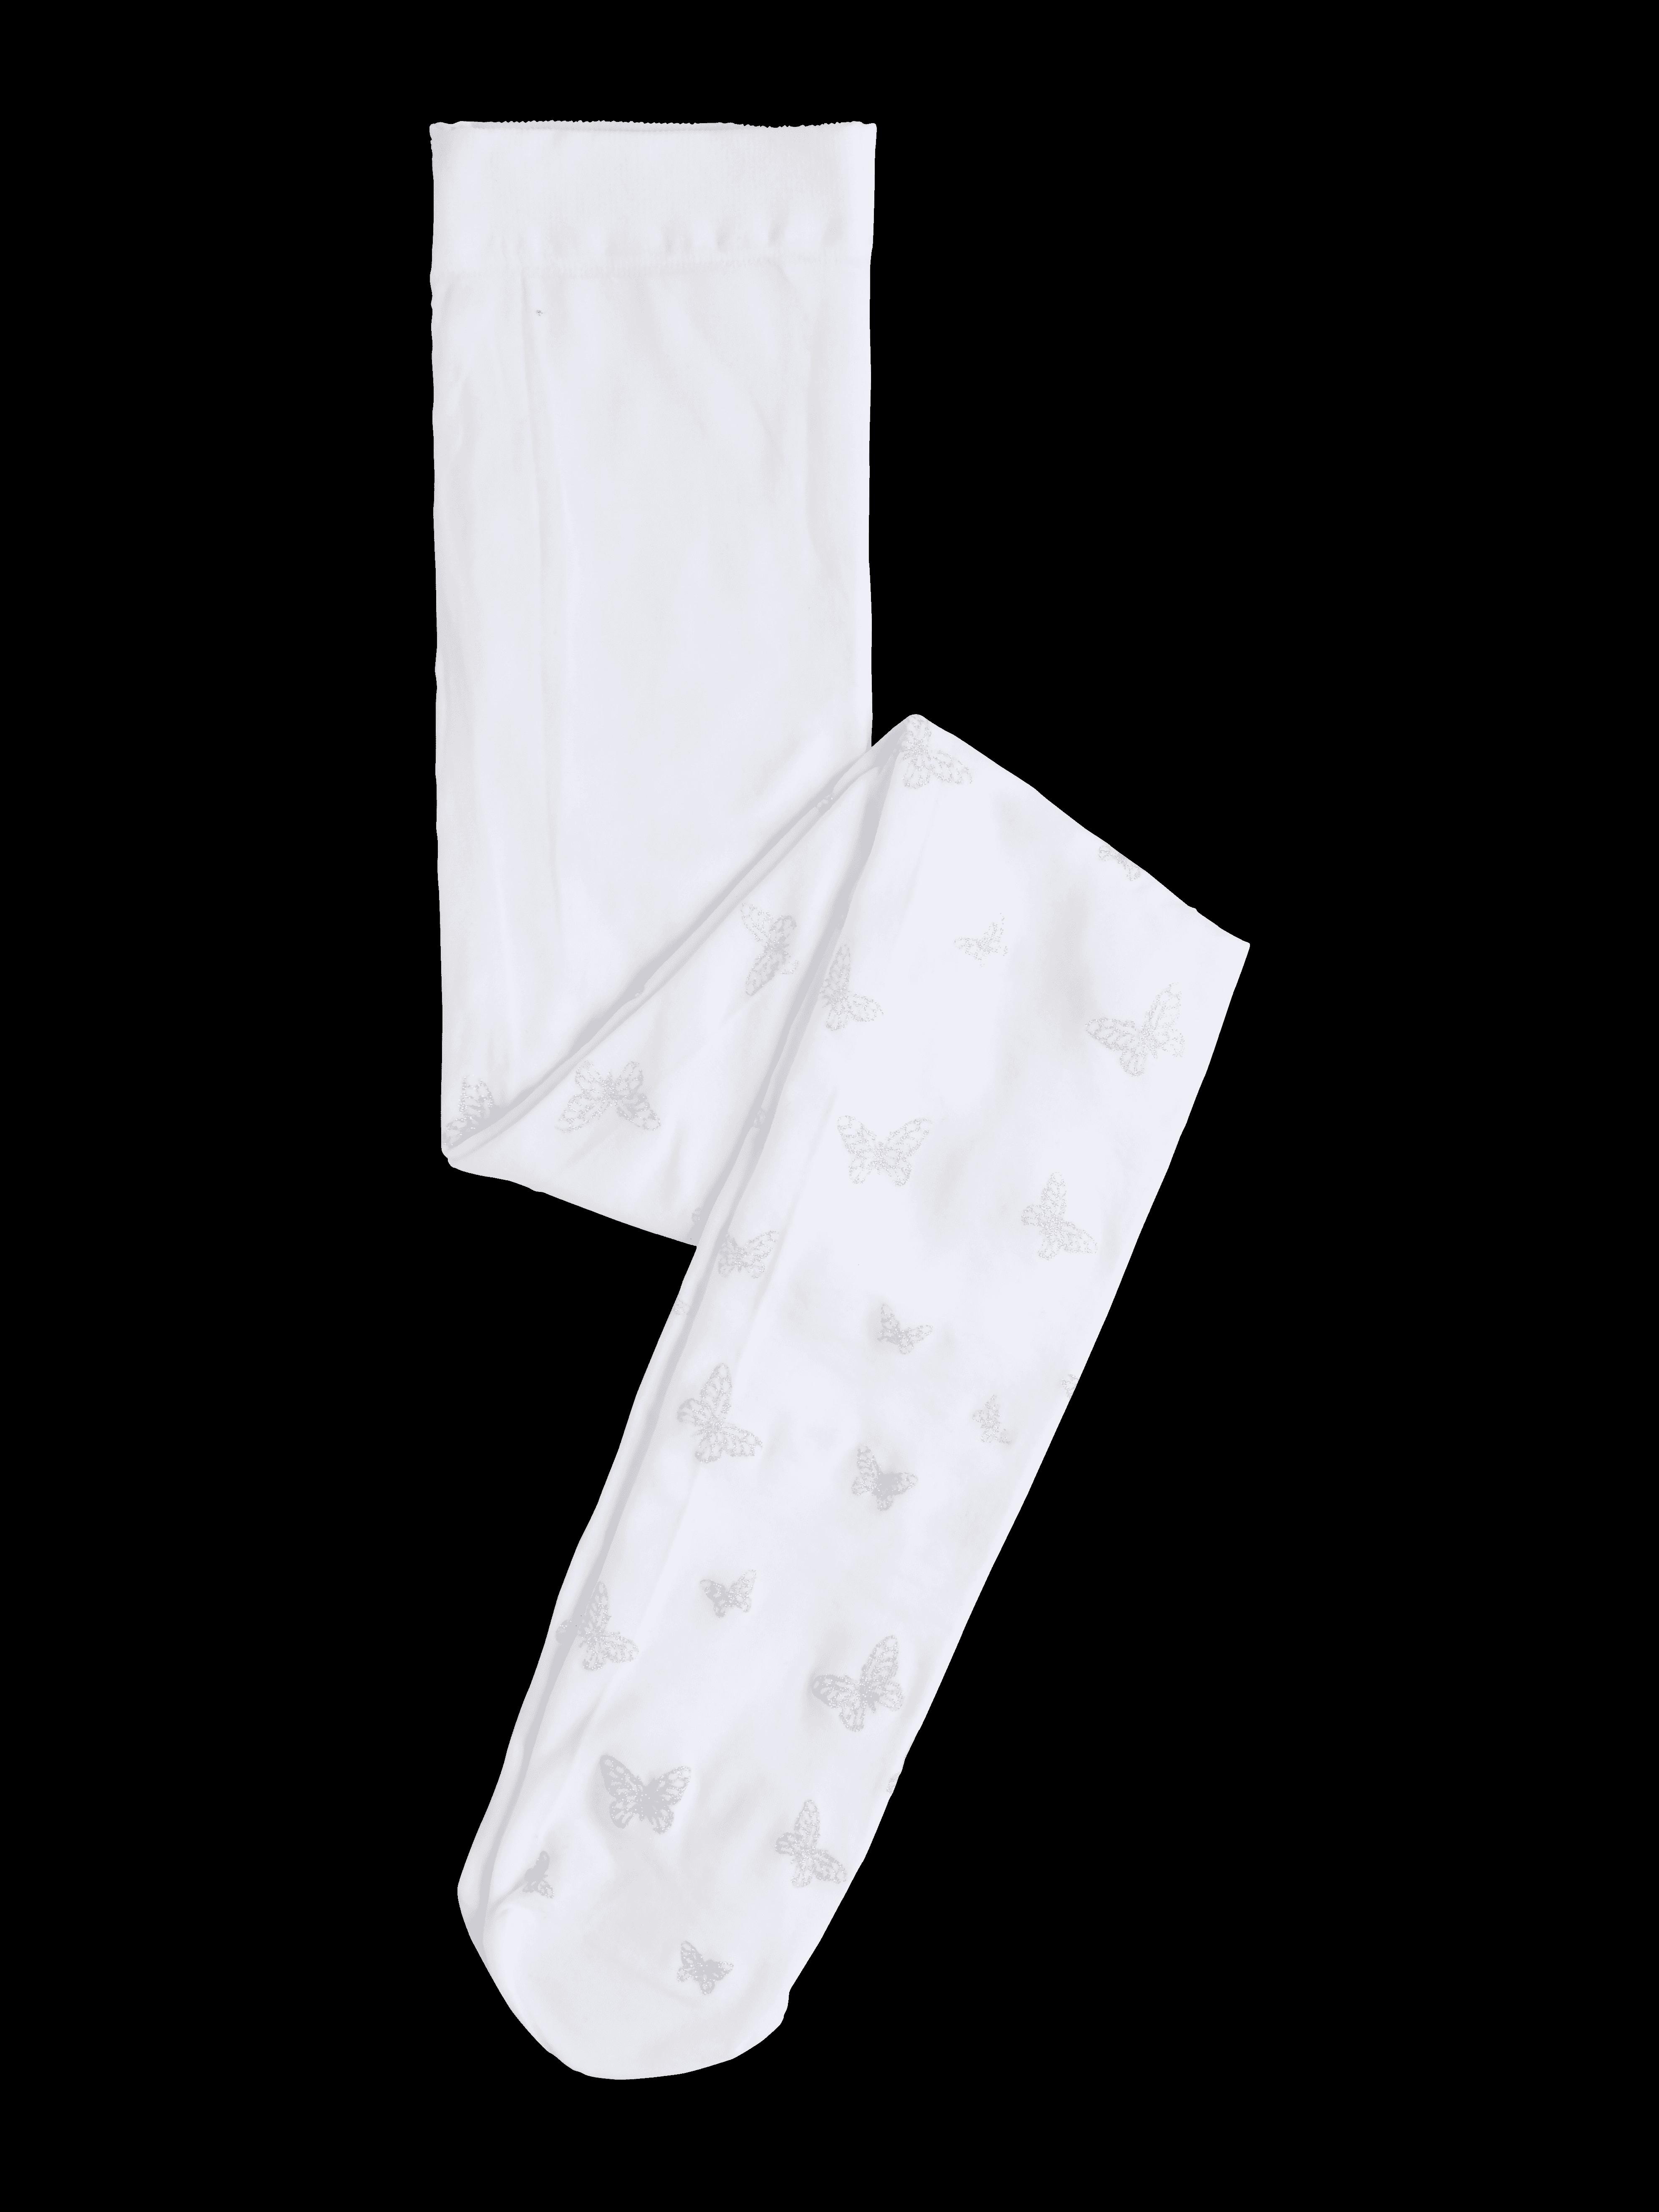 Xxx sukka housut kuvia